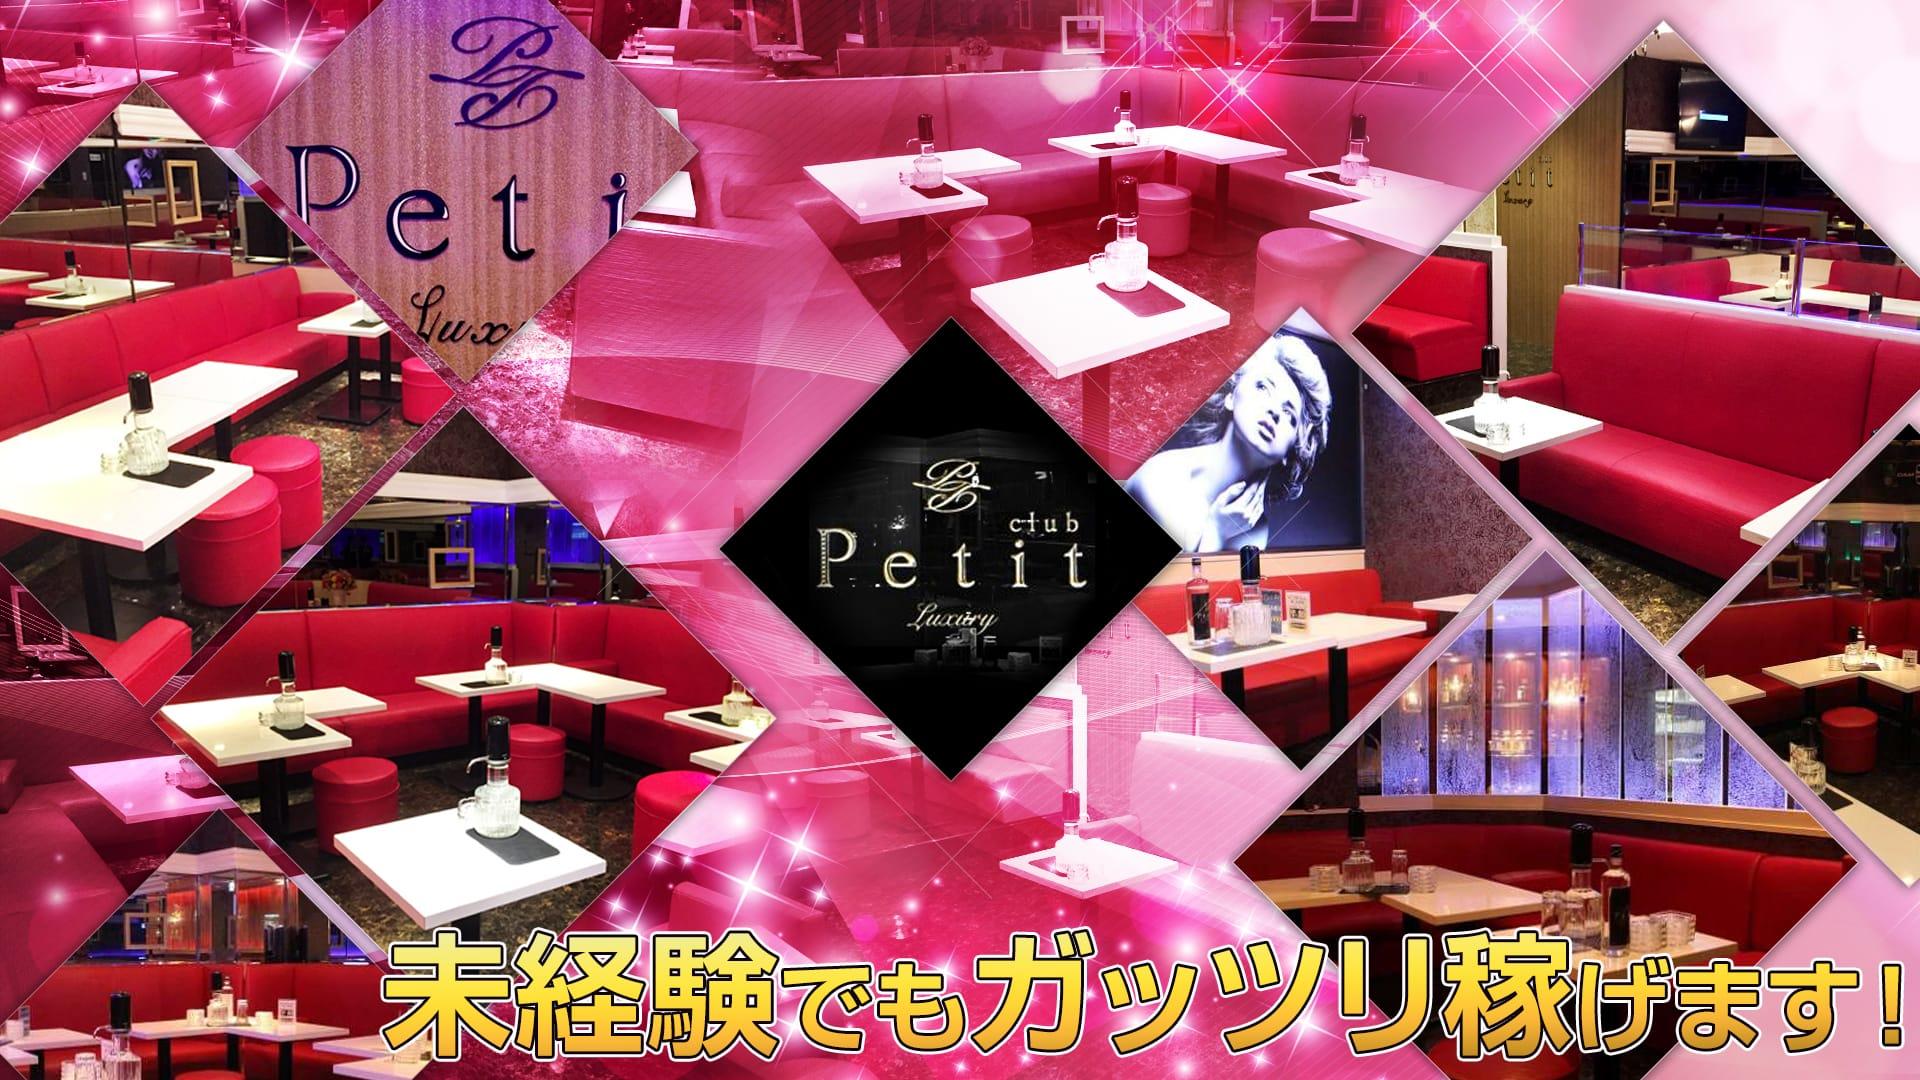 Club Petit(クラブ プティー) 関内キャバクラ TOP画像